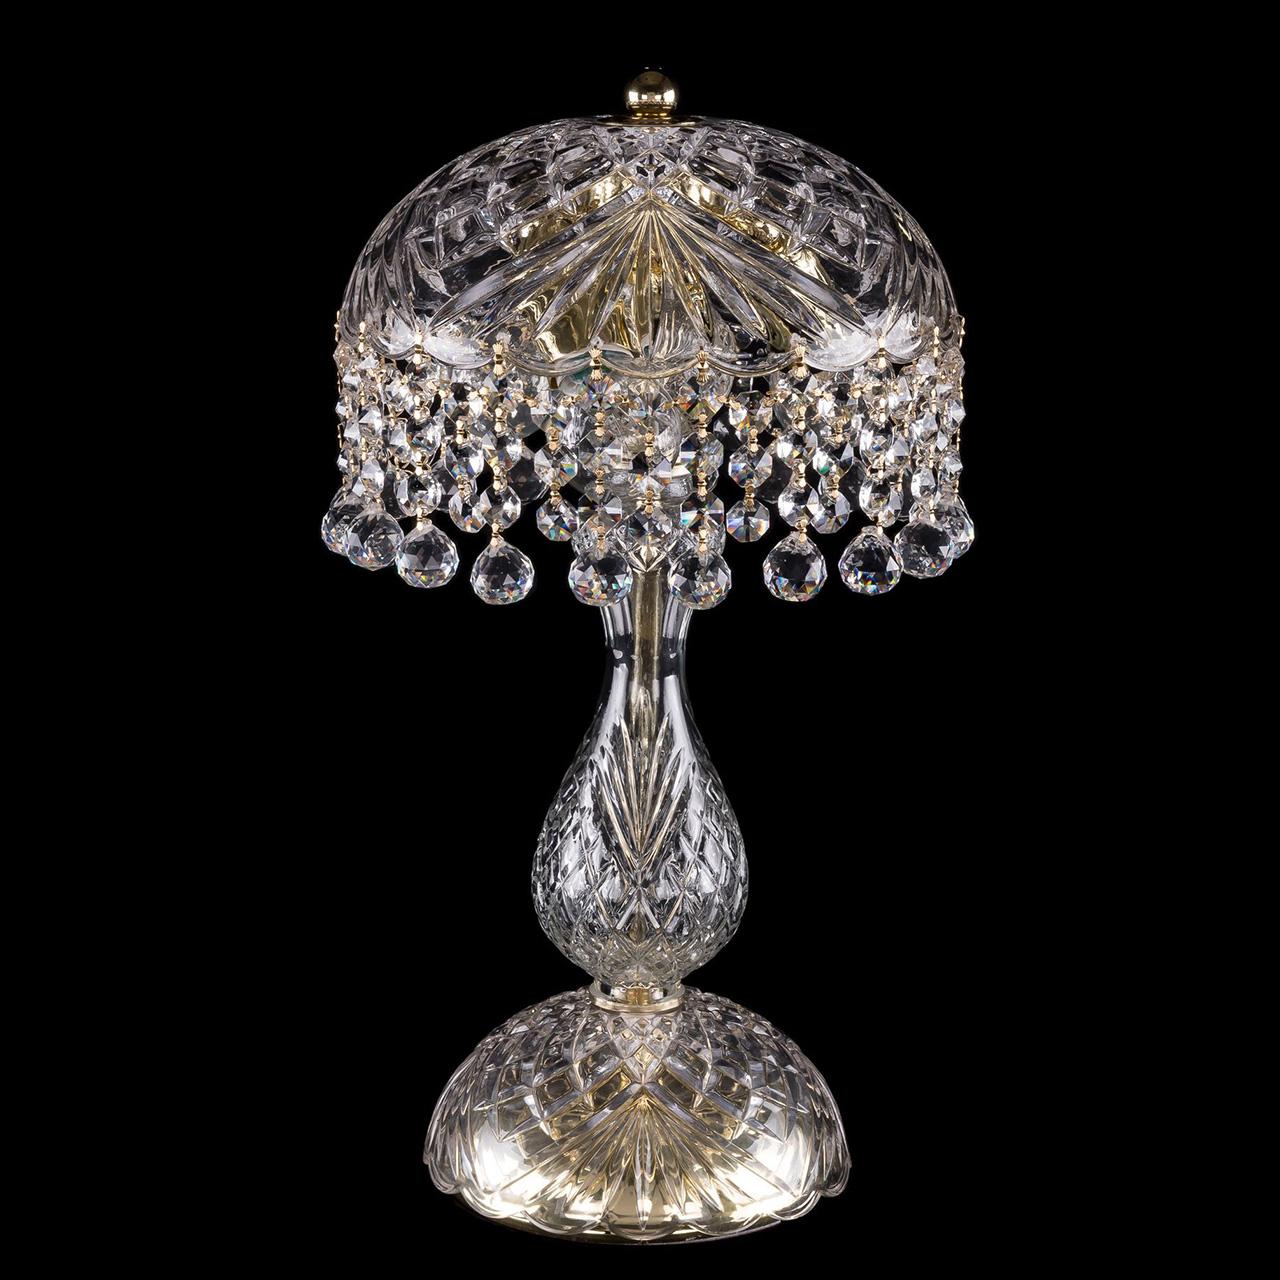 Настольная лампа Bohemia Ivele Crystal Balls 5011/22-42 люстра bohemia ivele crystal 1406 1406 8 240 g balls e14 320 вт